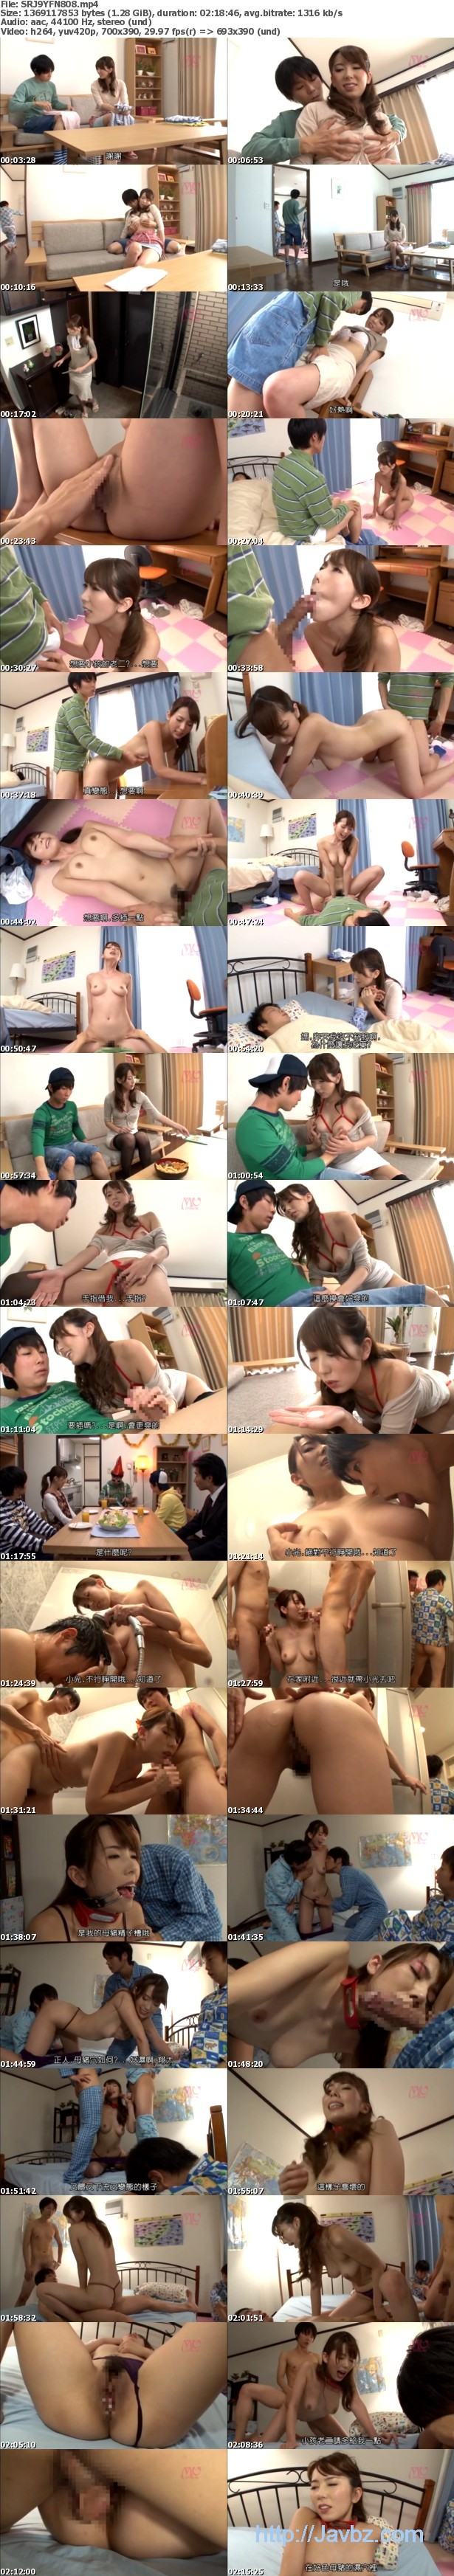 [DVDES-808] 盯上媽媽乳房的早熟同學4 ~拜託來睡我的媽媽讓她懷孕吧…!~ 波多野結衣[中文字幕]